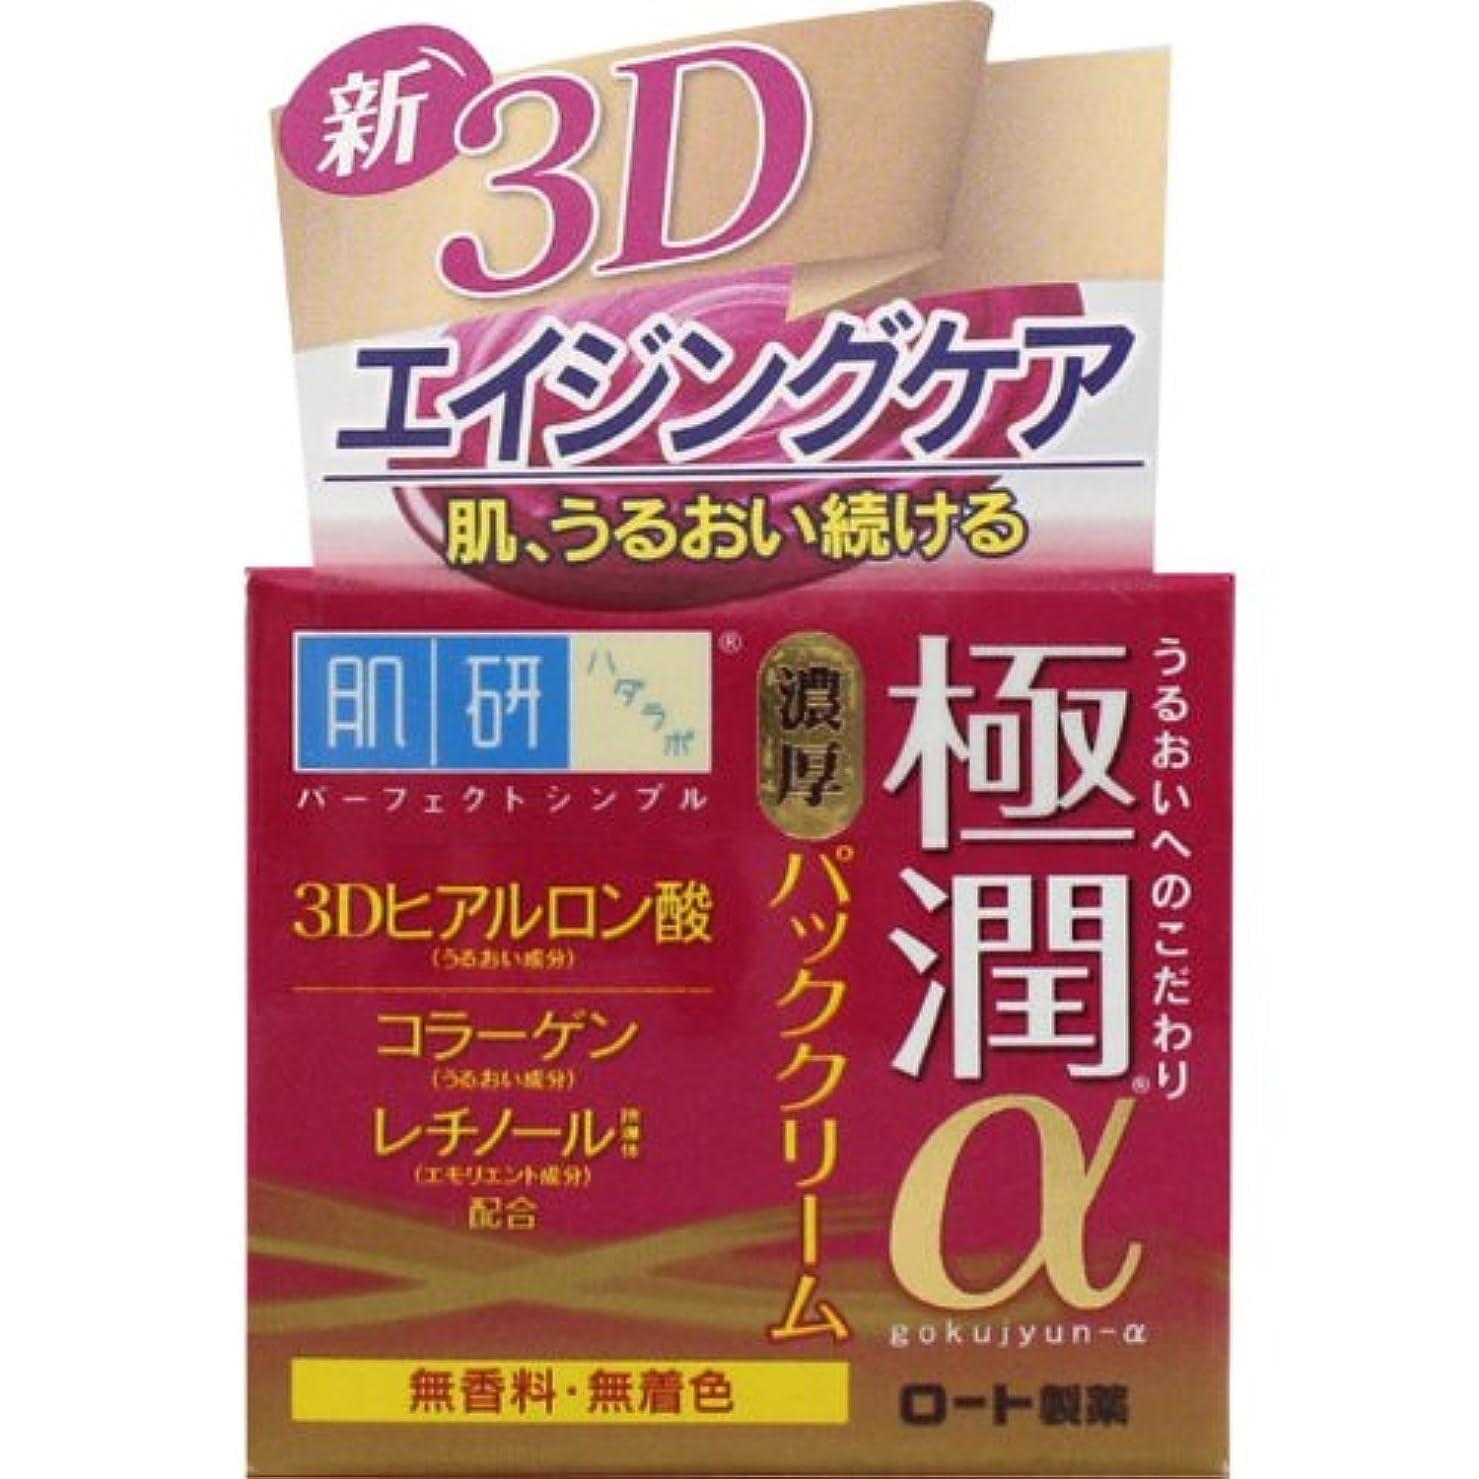 私たち立ち向かう赤肌研(ハダラボ) 極潤 αパッククリーム 50g